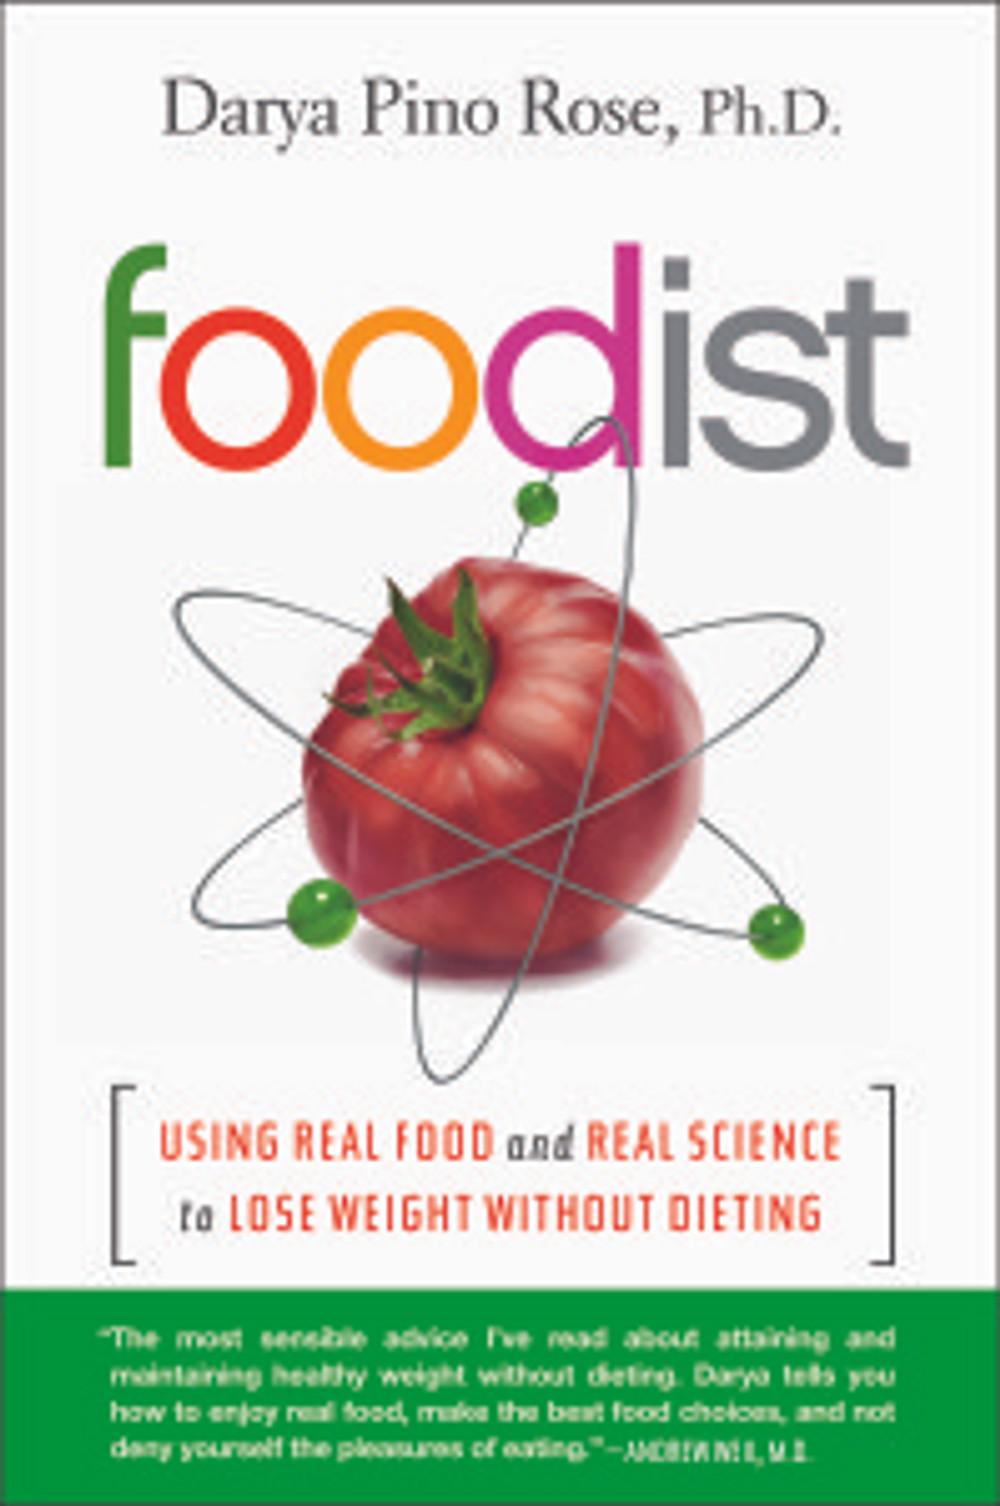 ROSE_Foodist_PB